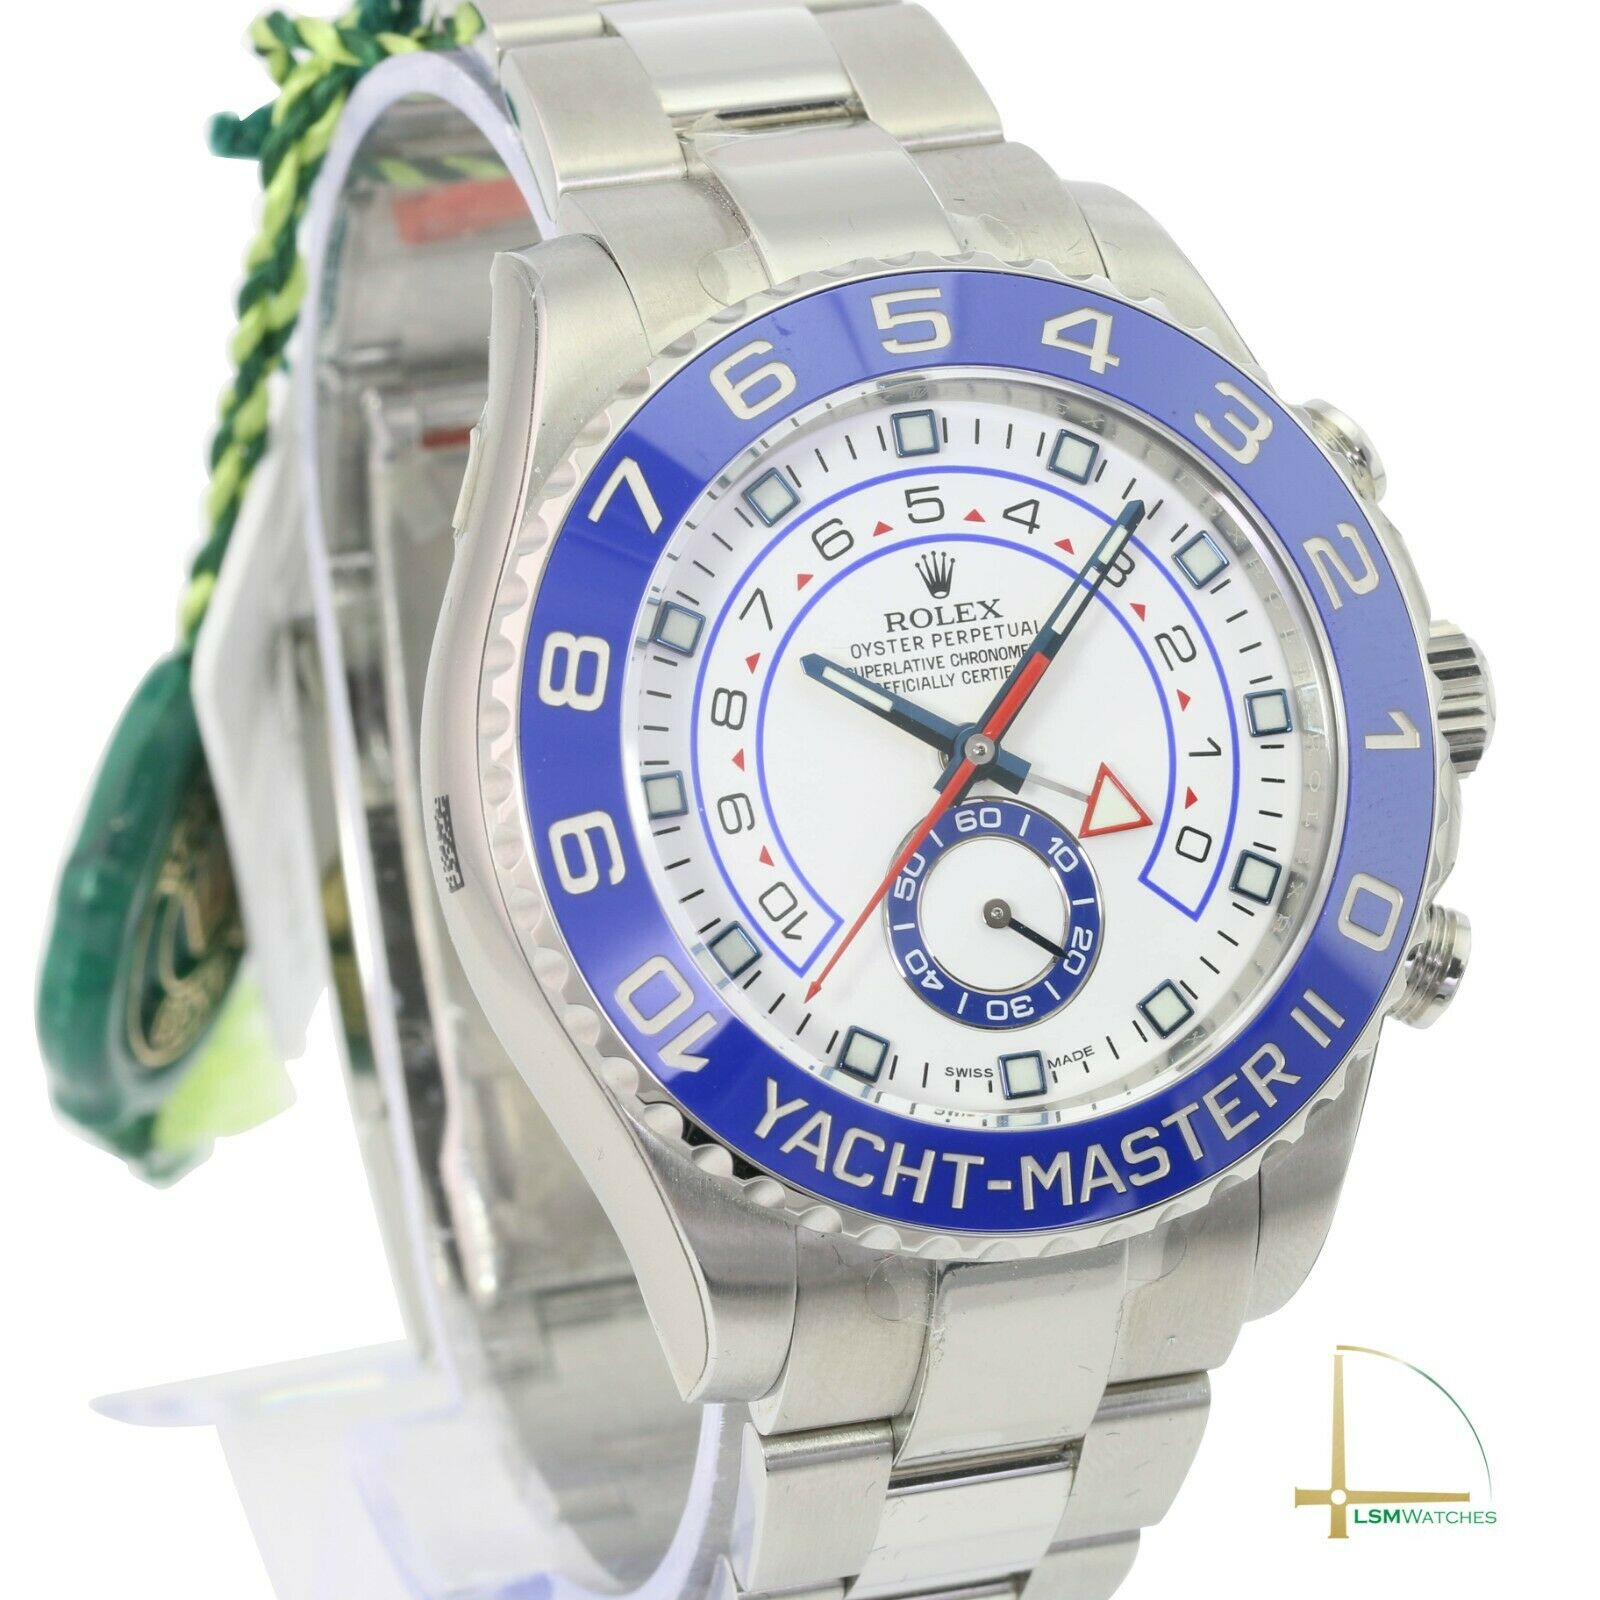 362732 남성용 롤렉스 Rolex 시계 Yacht-마스터 II 116680 스테인리스 스틸 44mm 블루 /화이트Face